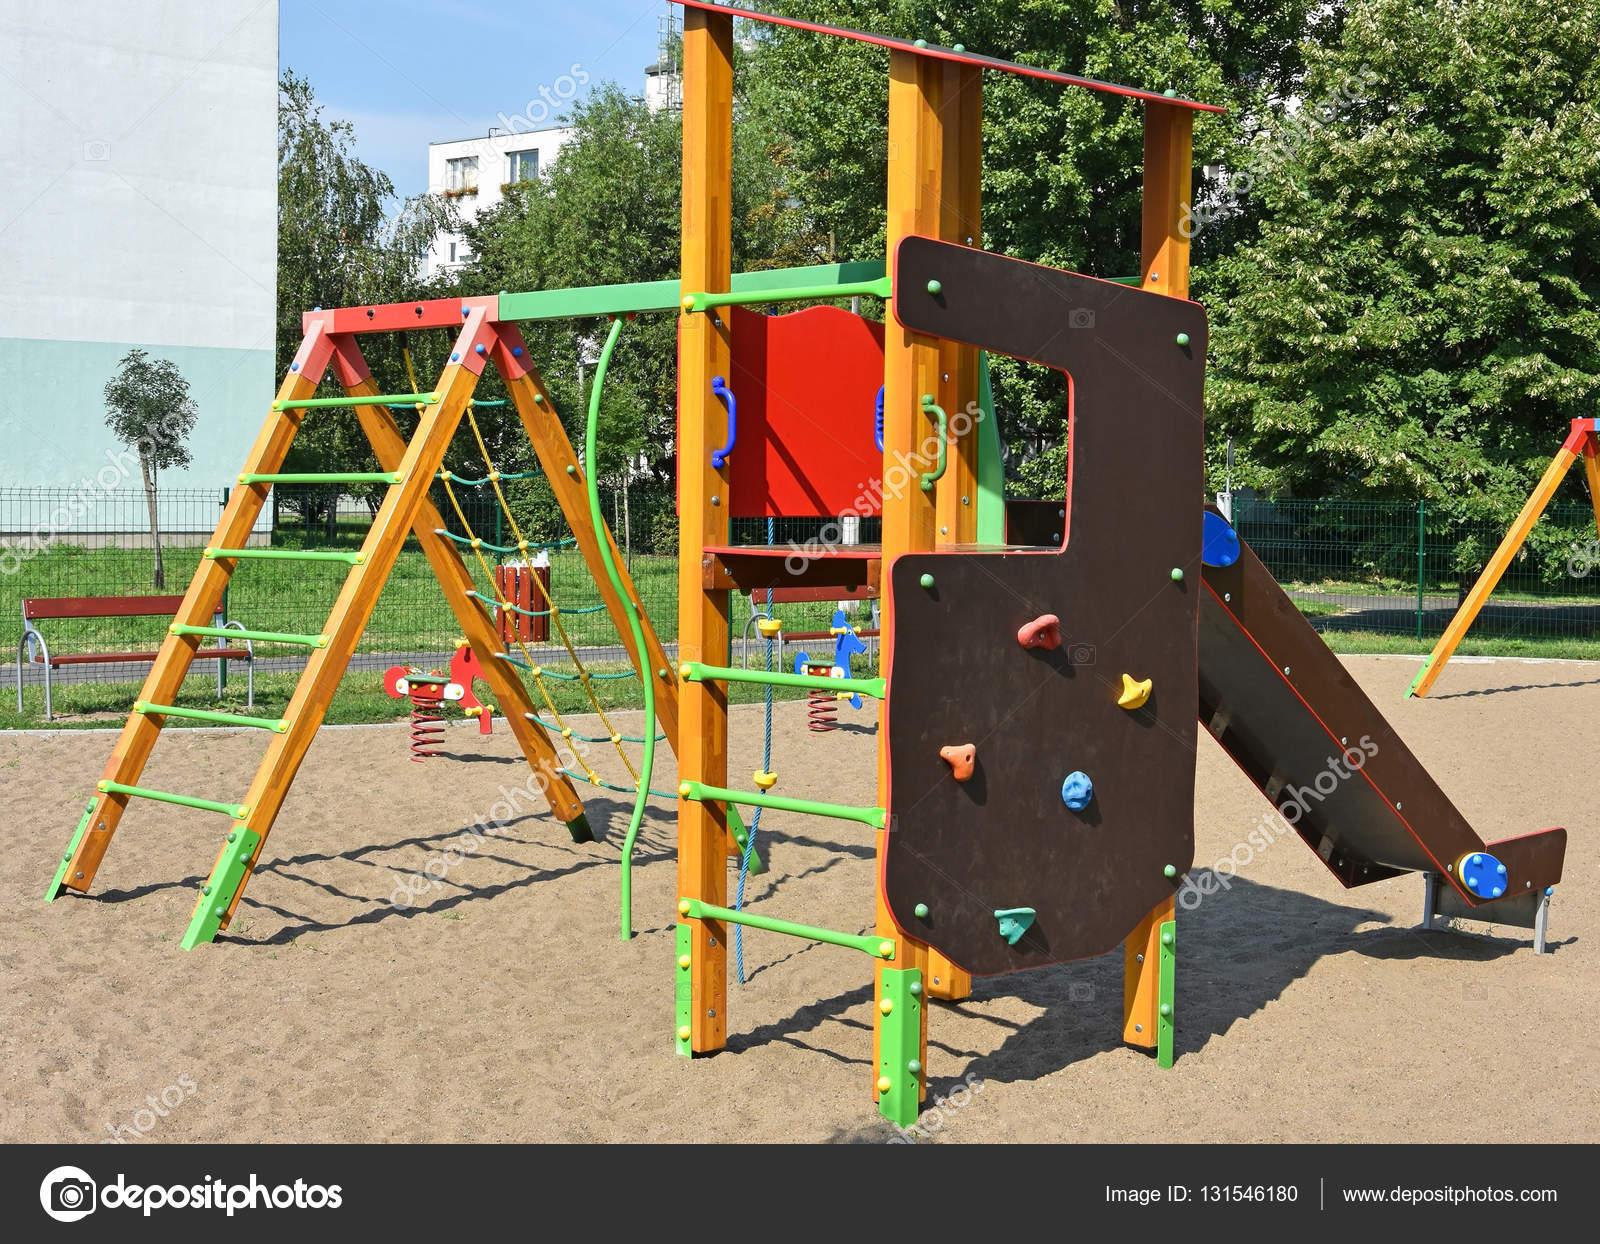 Klettergerüst English : Klettergerüst auf dem spielplatz u stockfoto majorosl